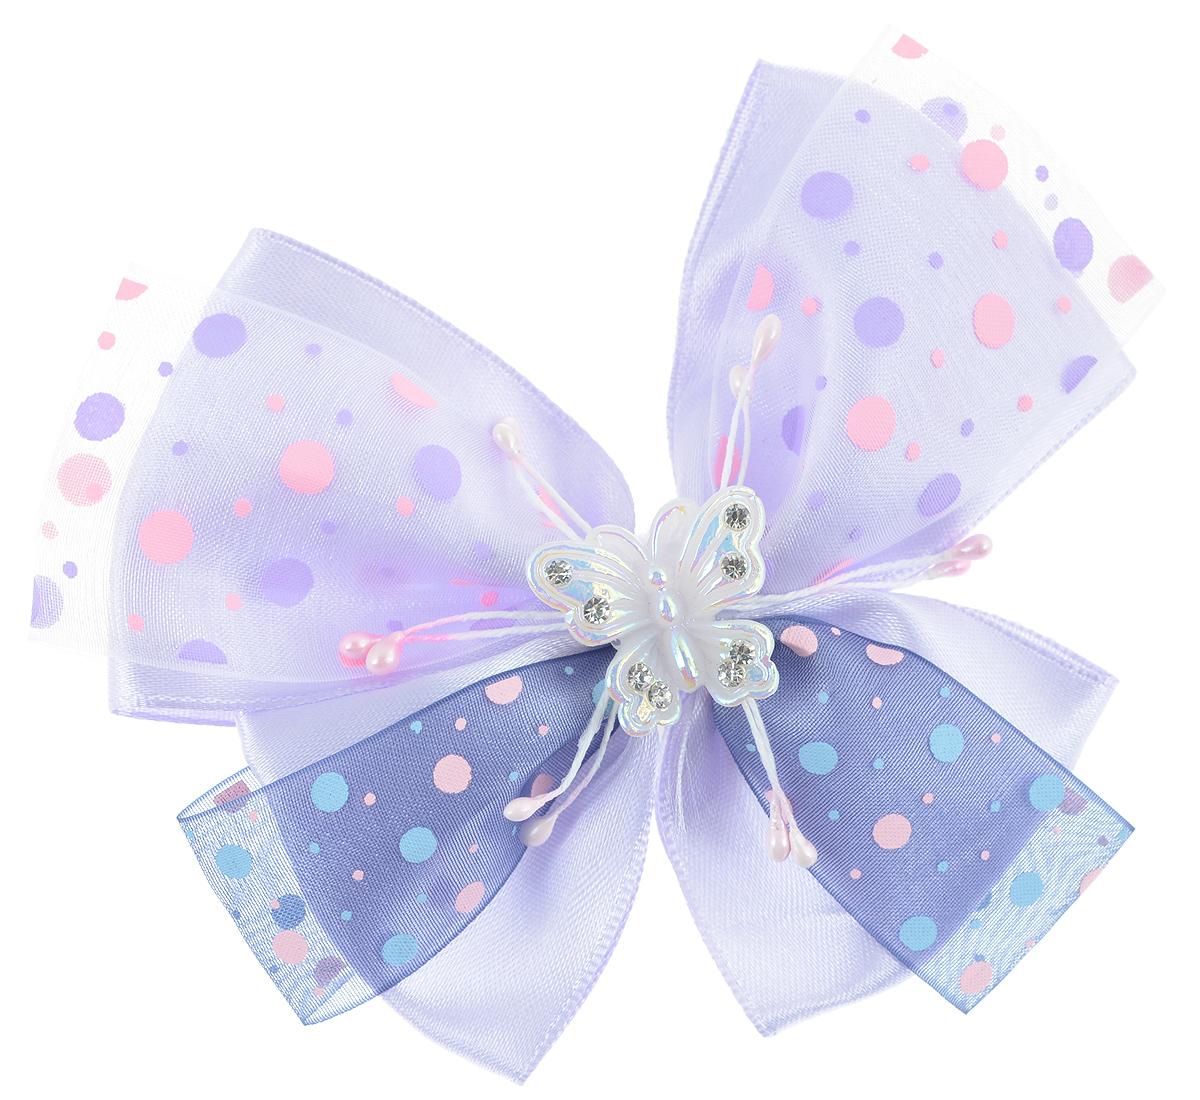 Резинка для волос Babys Joy, цвет: розовый, фиолетовый. MN 122MN 122_сереневый/фиолетовыйРезинка для волос Babys Joy изготовлена из текстиля и дополнена милым бантиком, который оформлен принтом горох и бабочкой из пластика, которая дополнена стразами. Резинка для волос Babys Joy надежно зафиксирует волосы и подчеркнет красоту прически вашей маленькой принцессы.